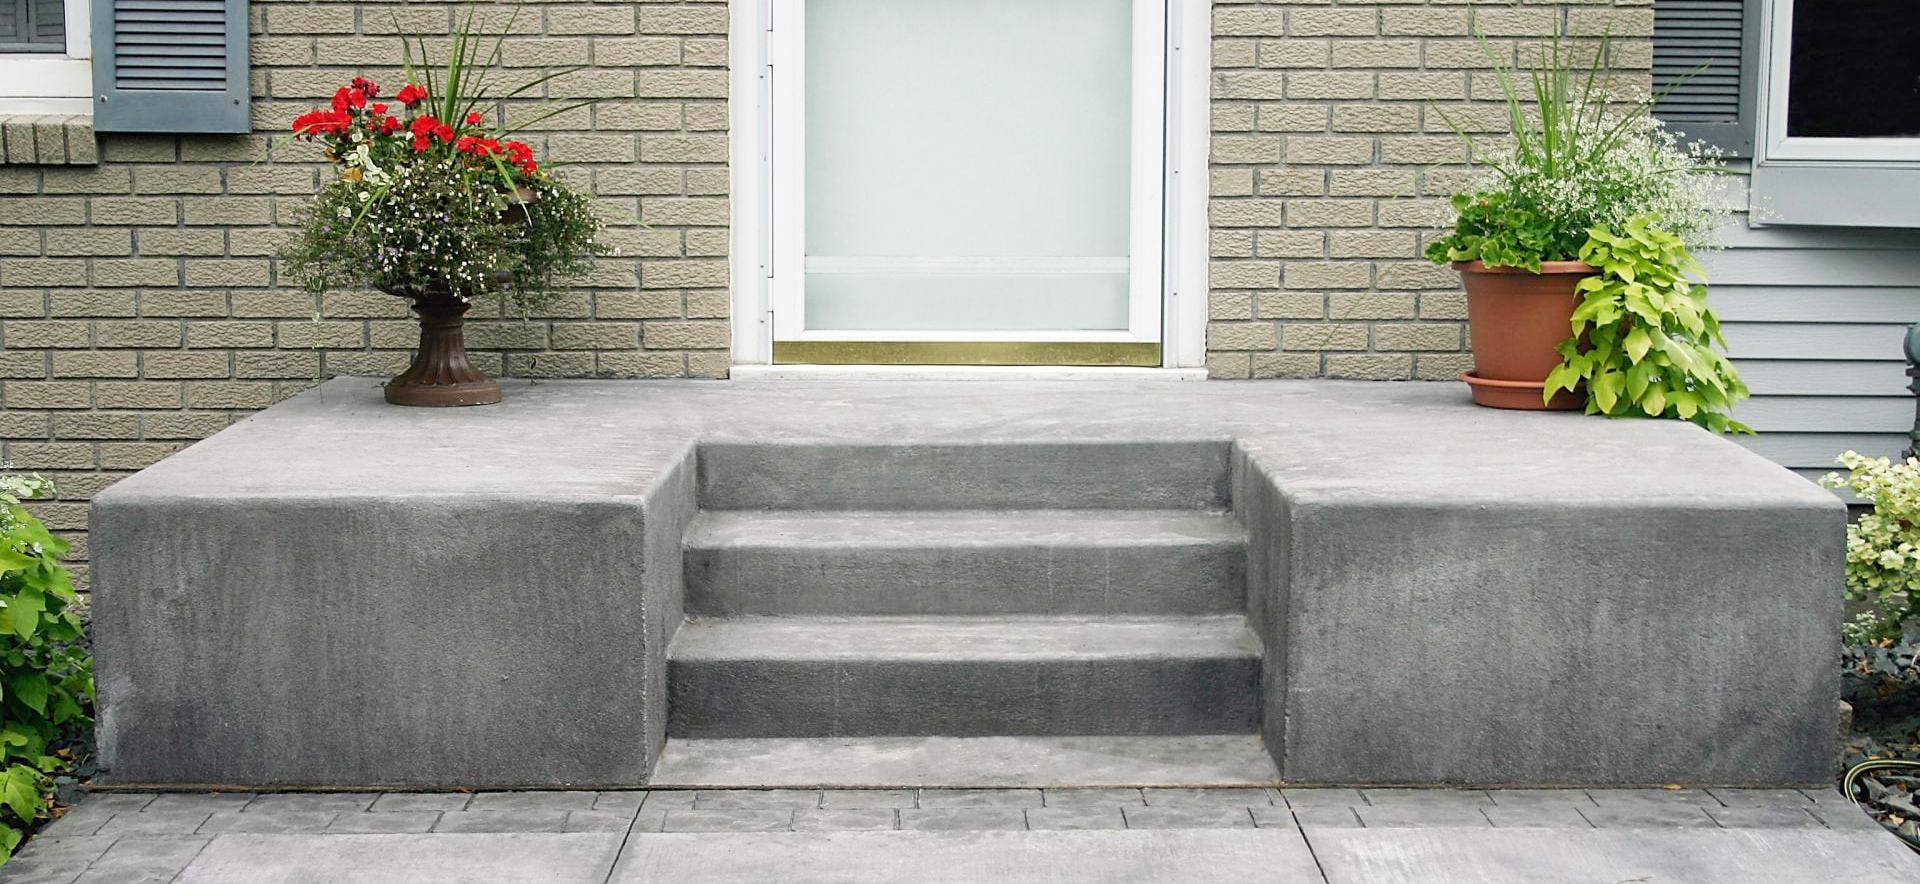 stroitelstvo i oblicovka betonnogo krylca